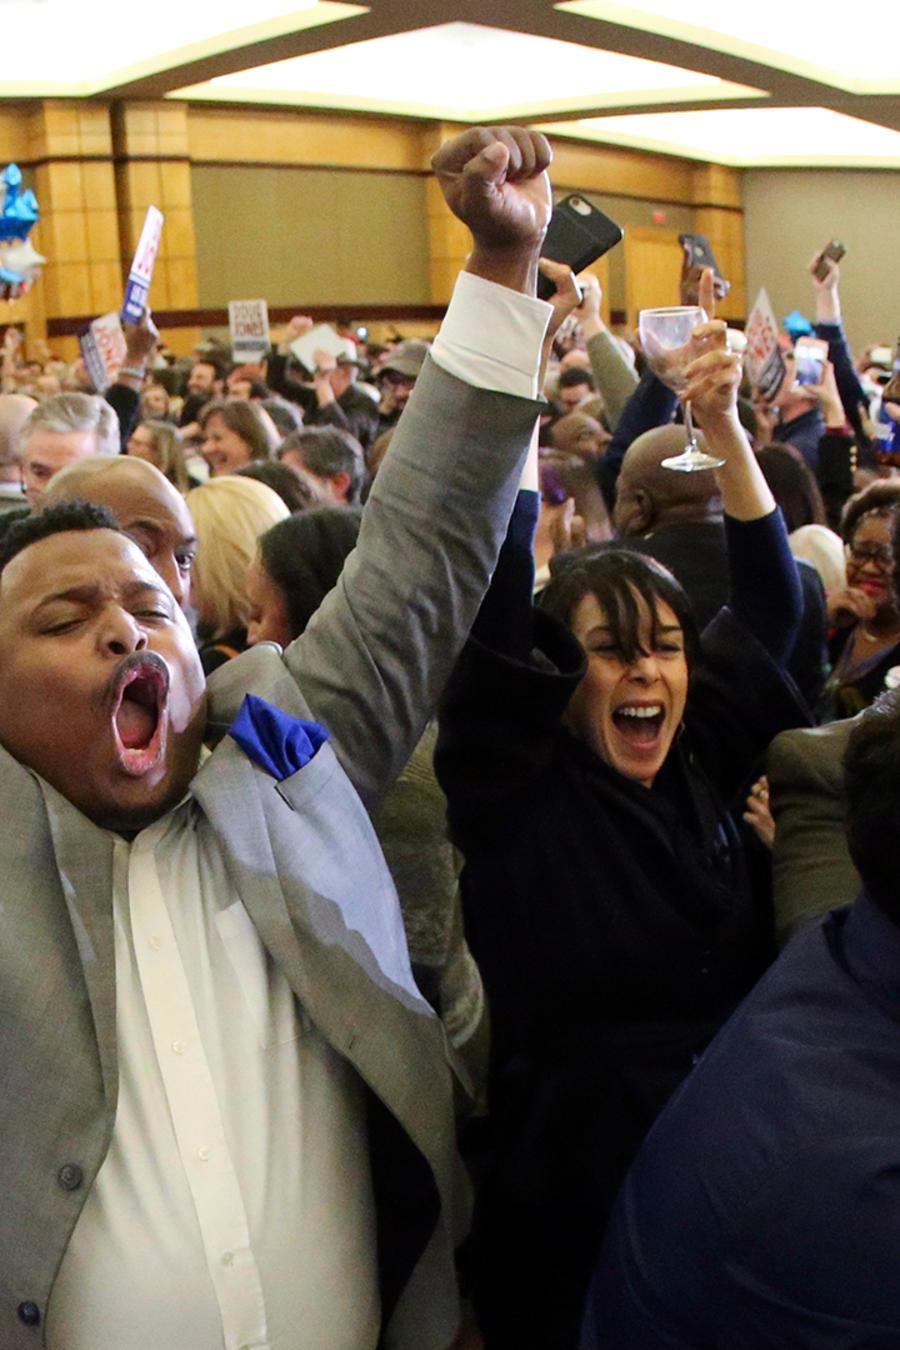 Partidarios del demócrata Doug Jones celebran su triunfo en Alabama